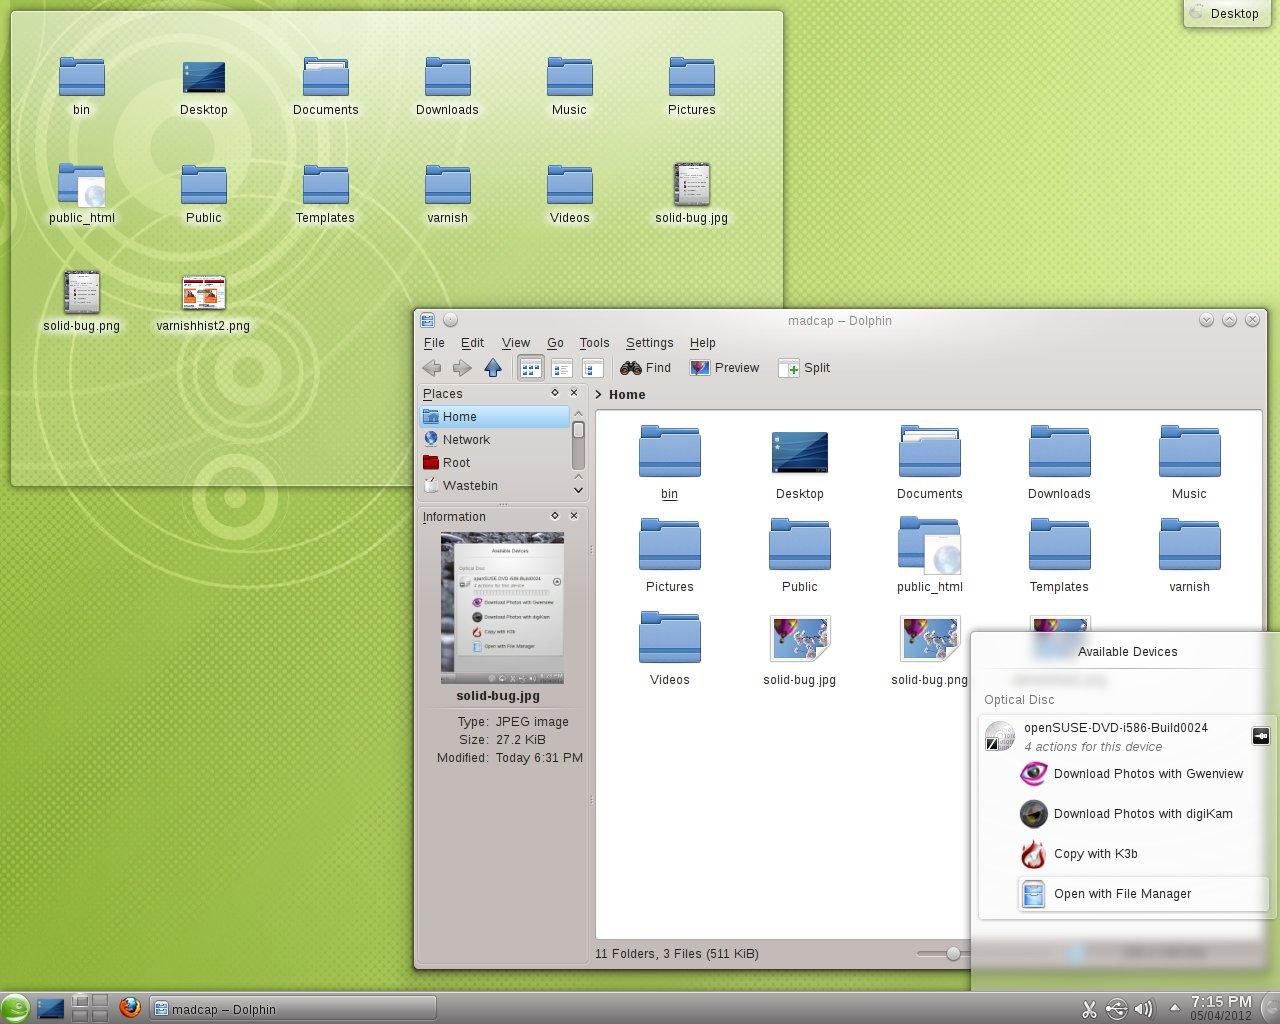 Shiny new KDE 4.8.2